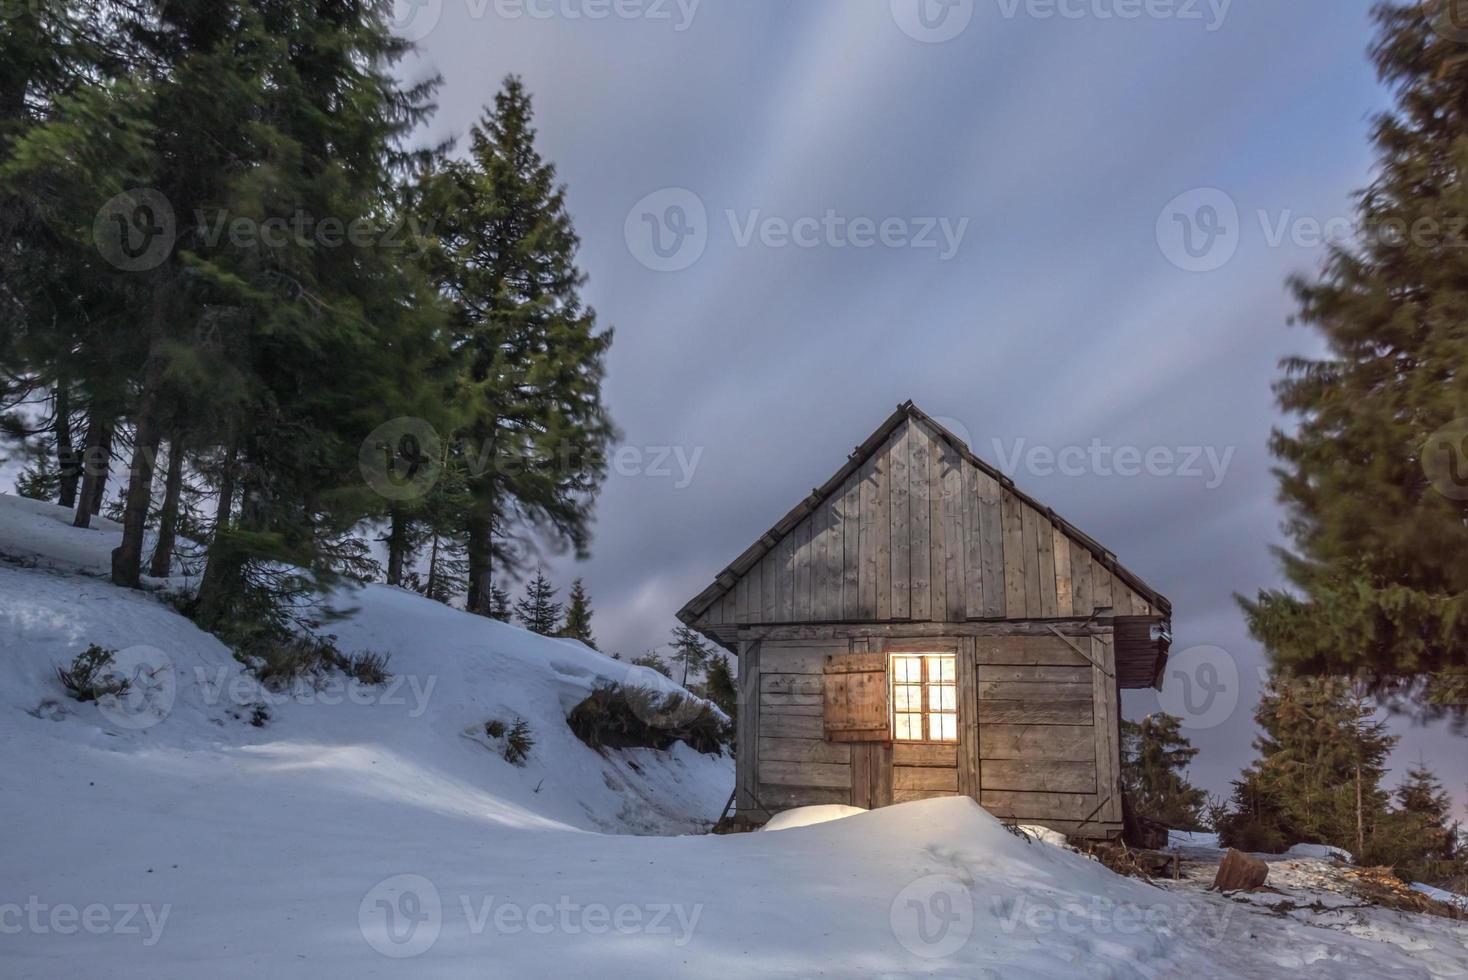 huis foto